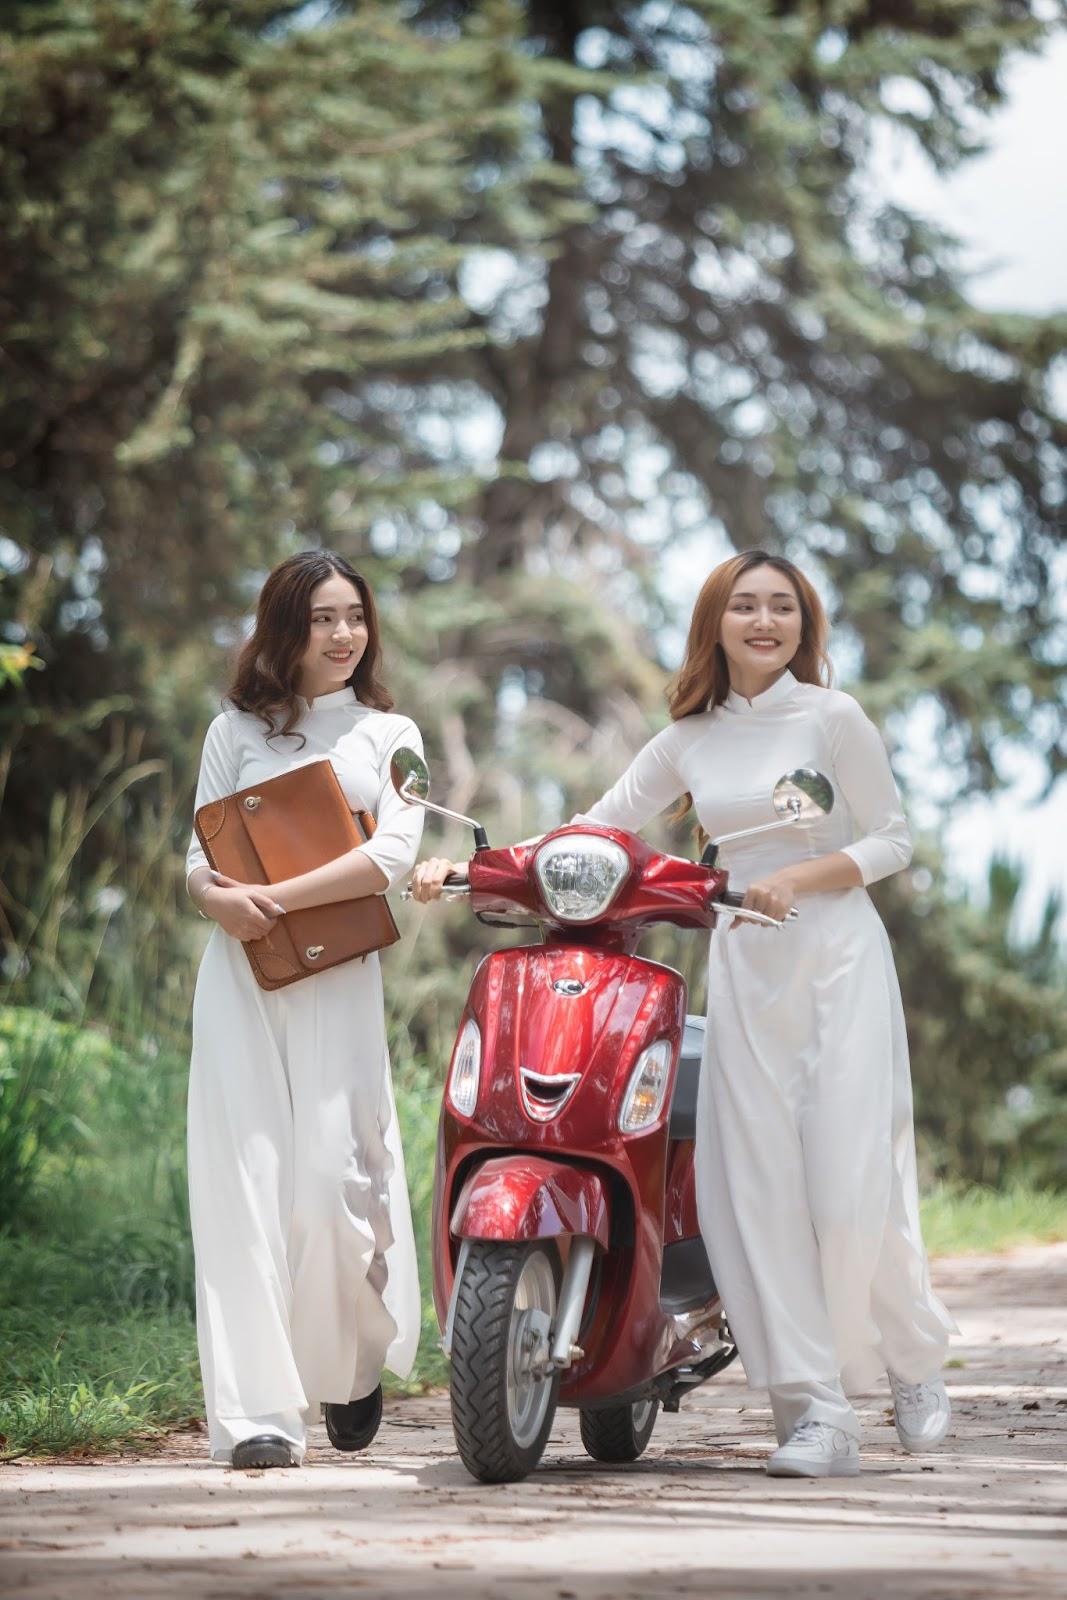 Kymco Việt Nam - Thương hiệu xe máy 50cc đến từ Đài Loan 3